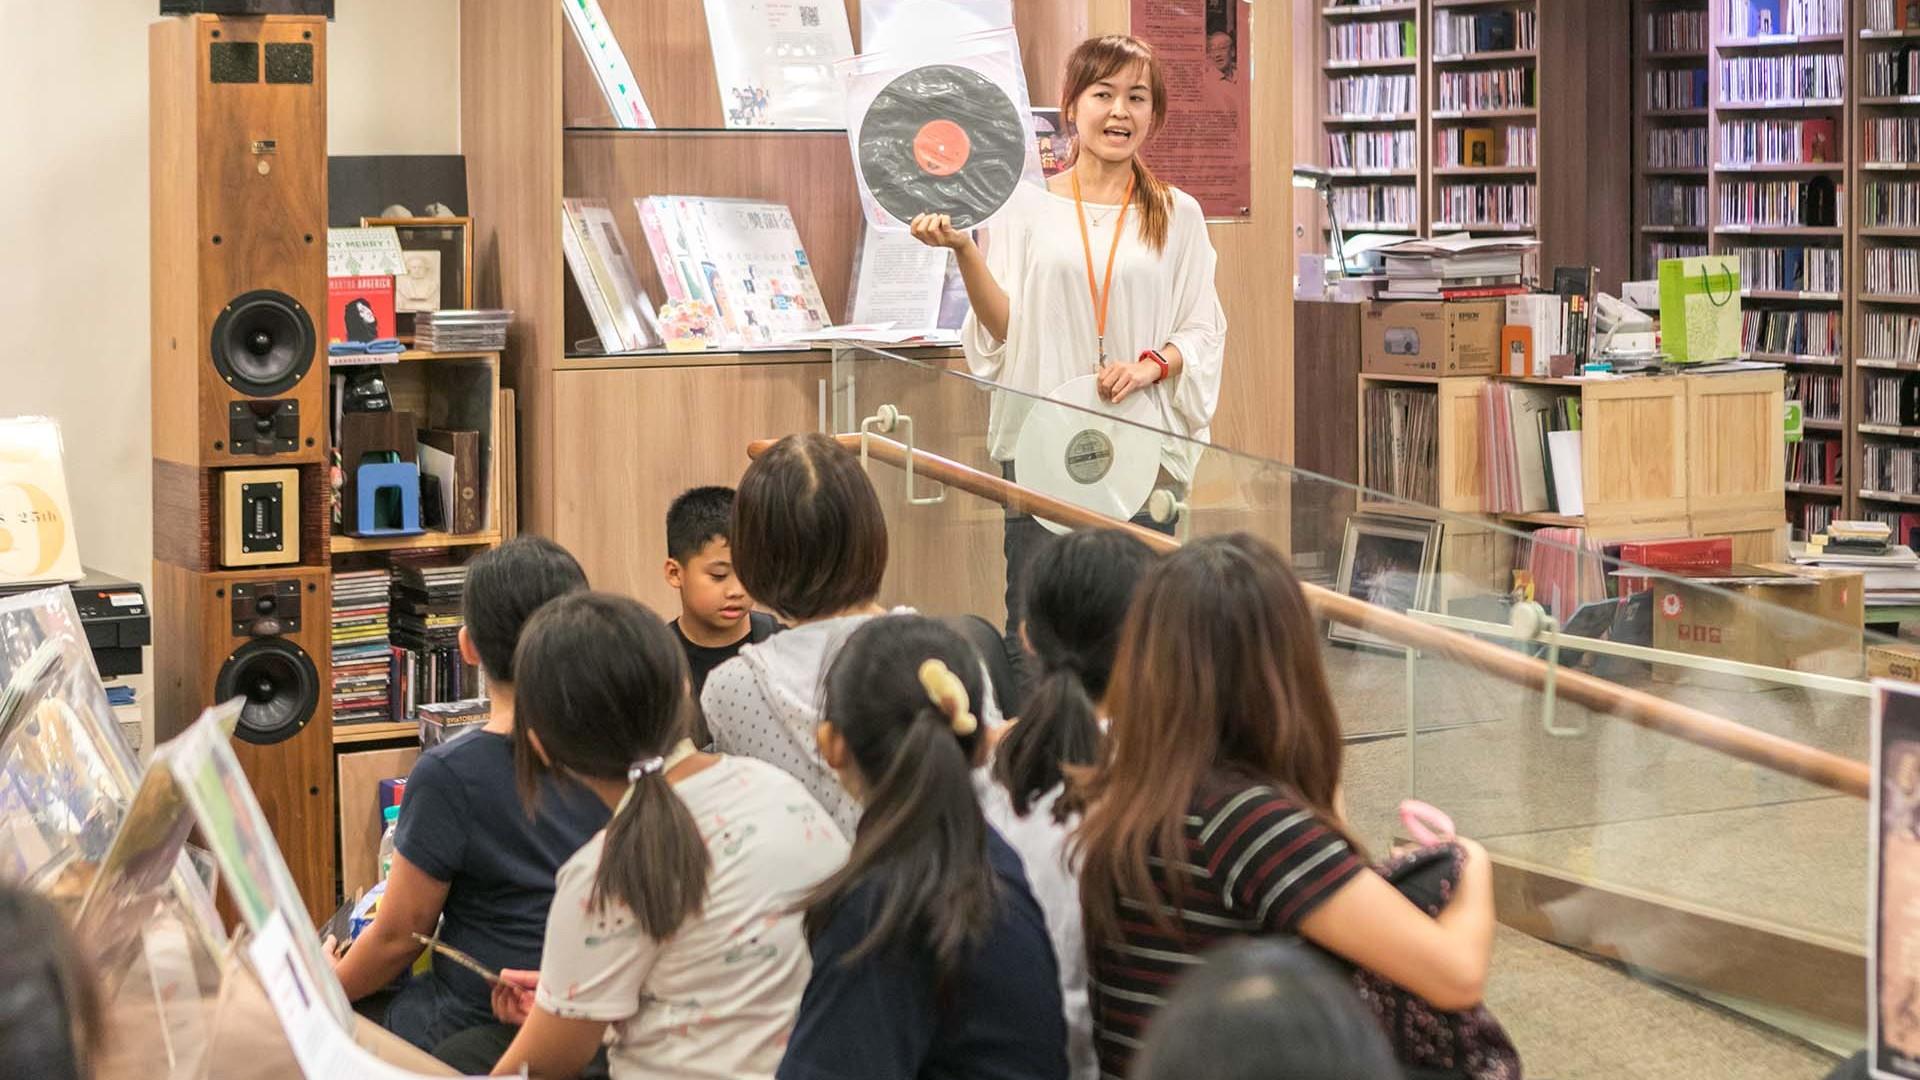 弓鞋國小師生對兩廳院表演藝術圖館七萬餘件經典黑膠唱片及古典CD唱片典藏深感好奇。